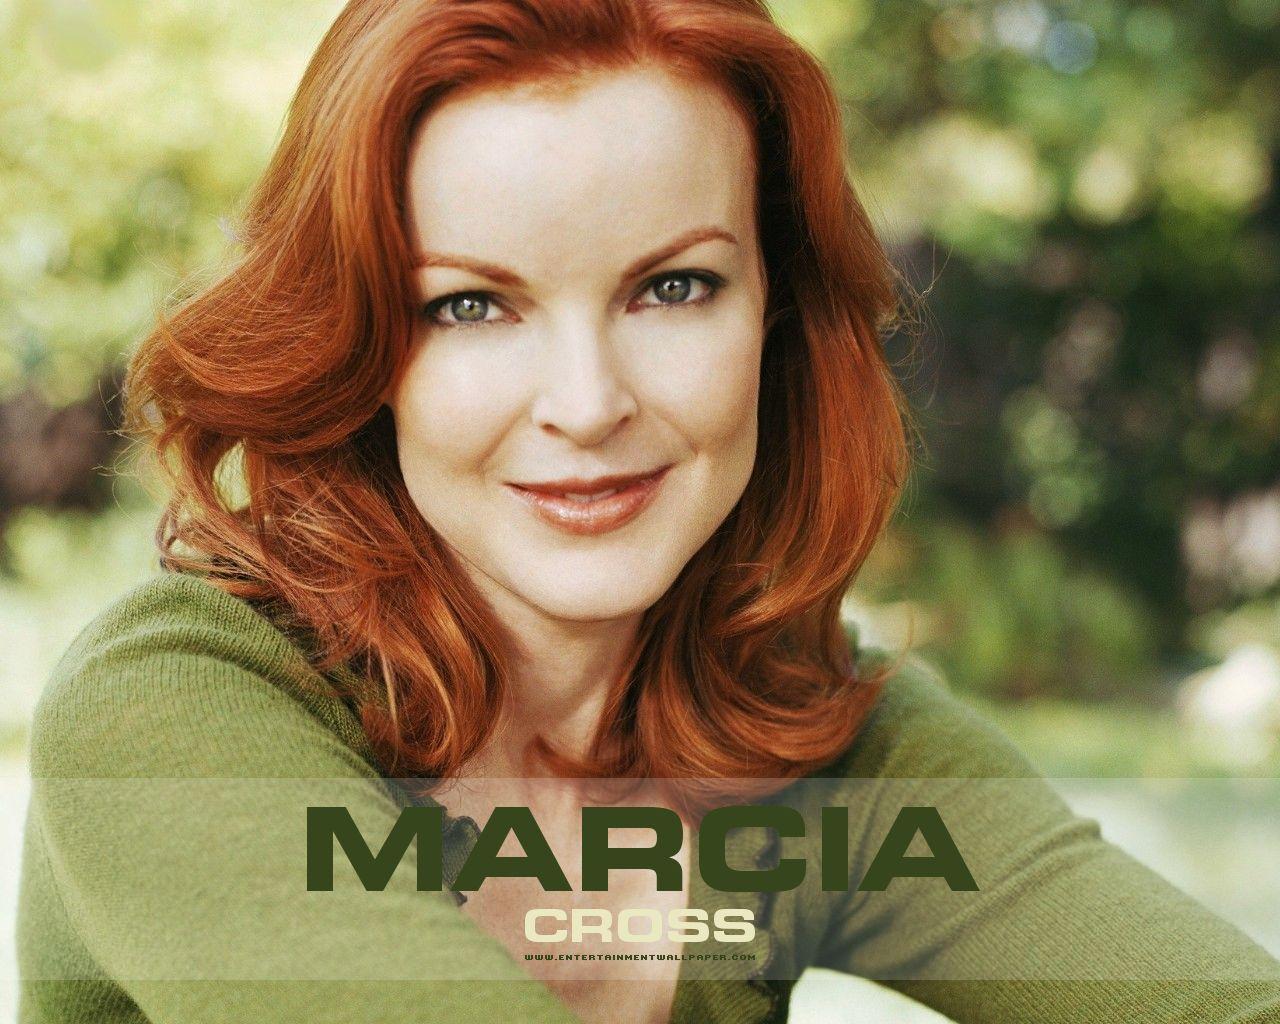 Marcia cross marcia cross wallpaper 645108 fanpop - Bree van der kamp ...